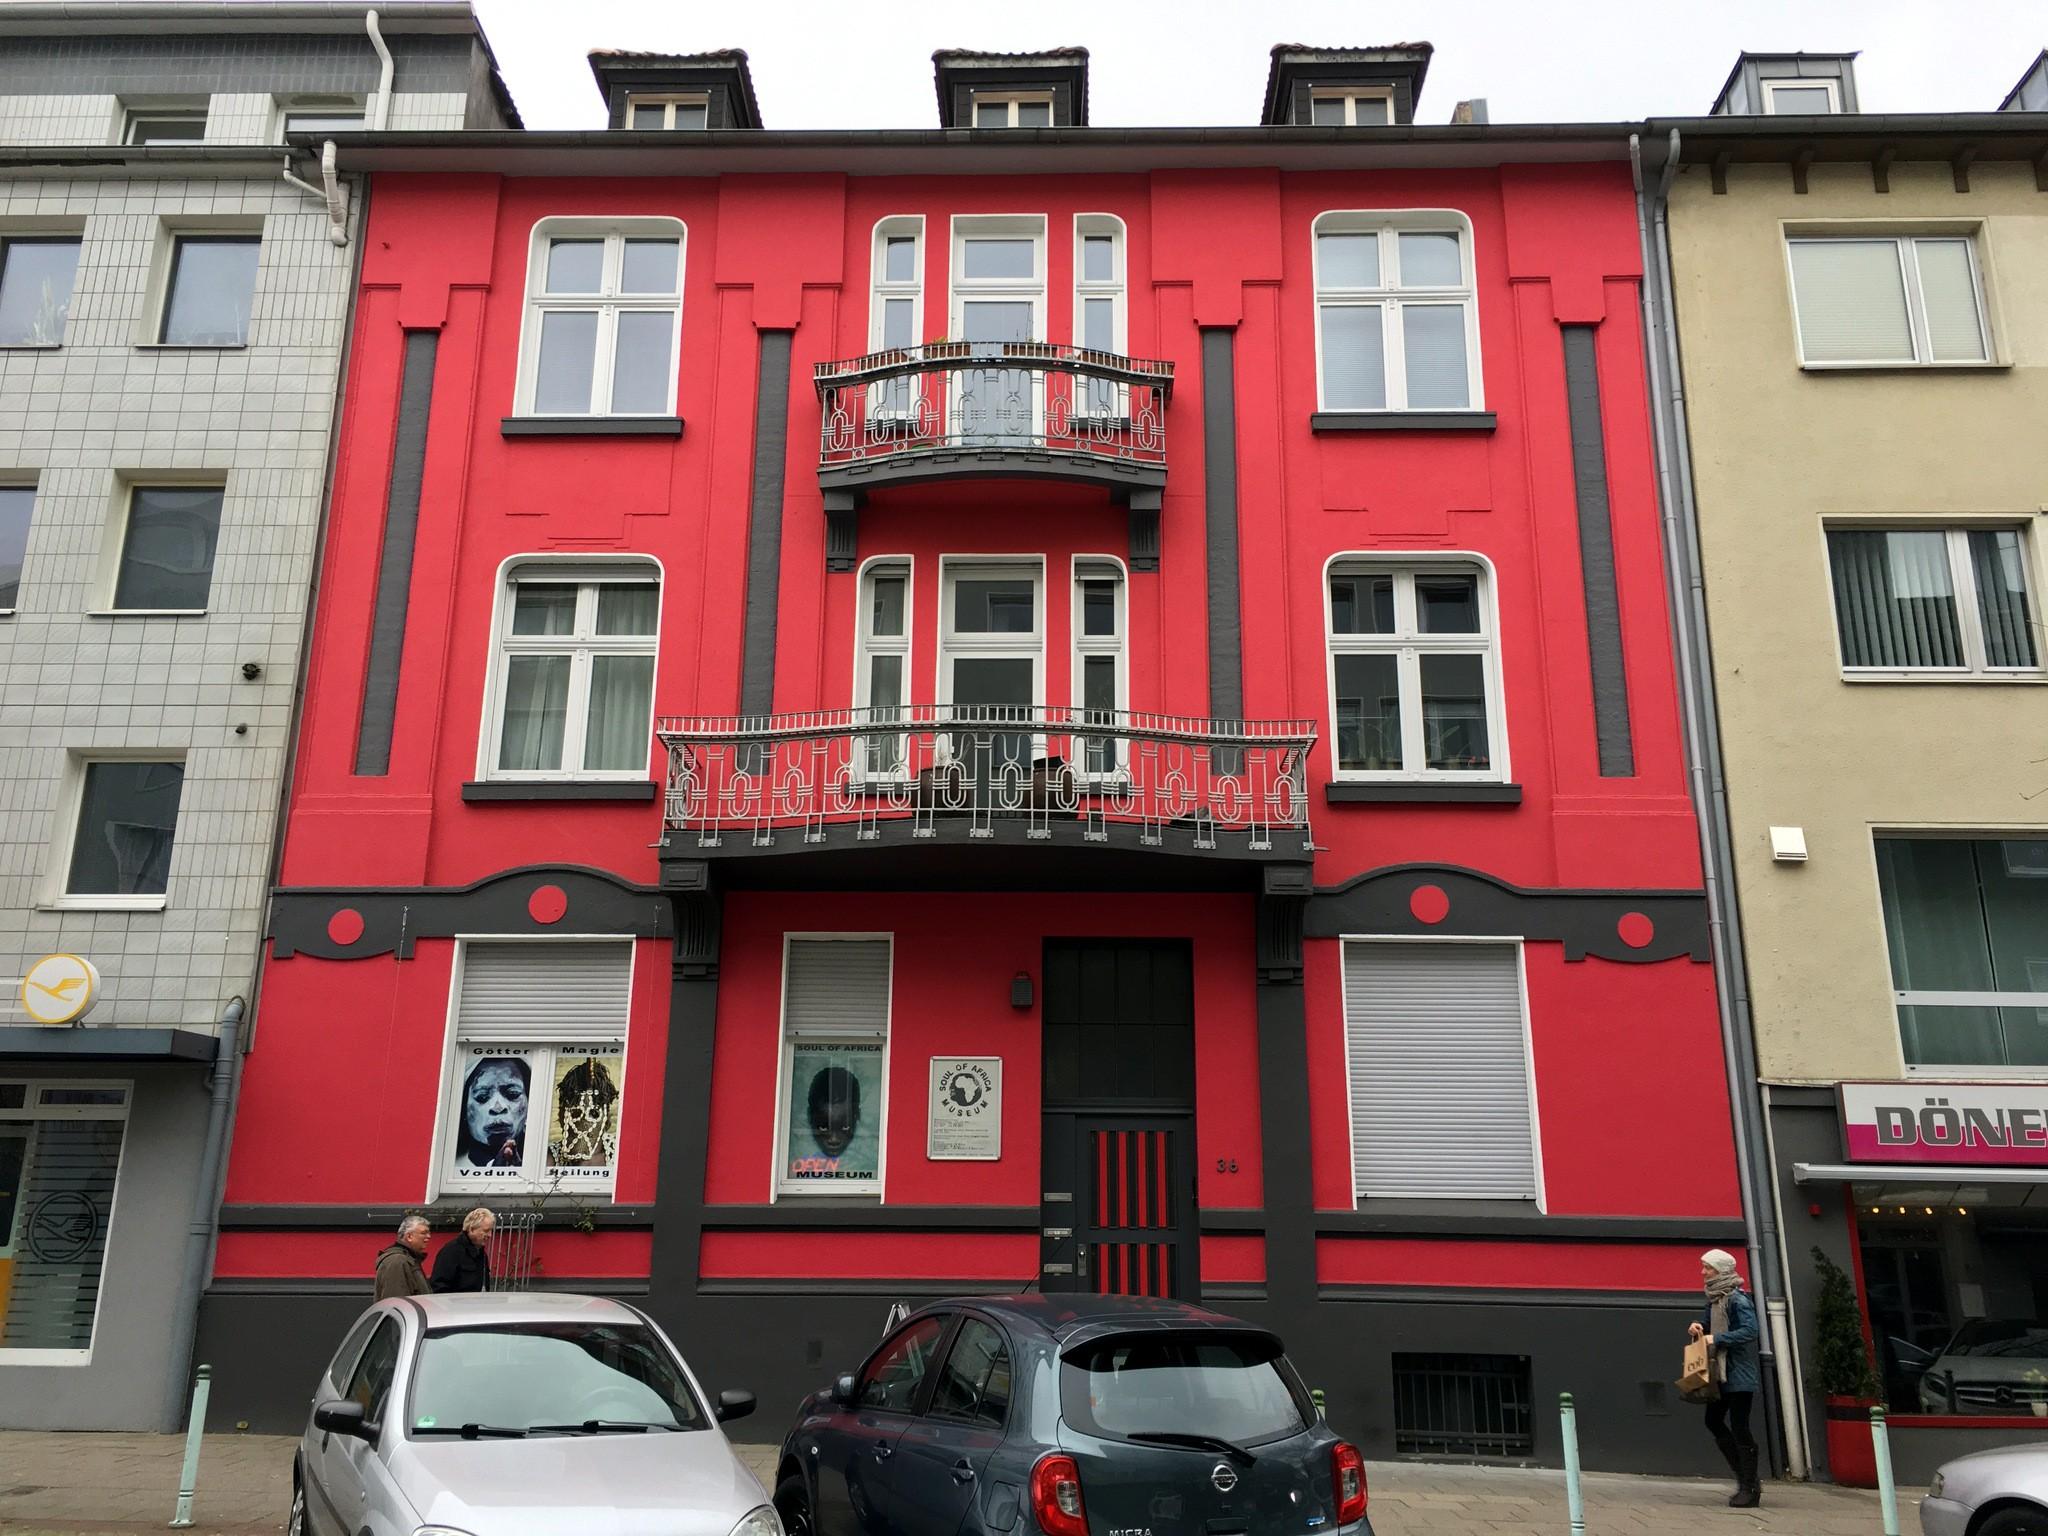 Mitten in Essen: hinter der roten Fassade im Erdgeschoss ist das Museum.